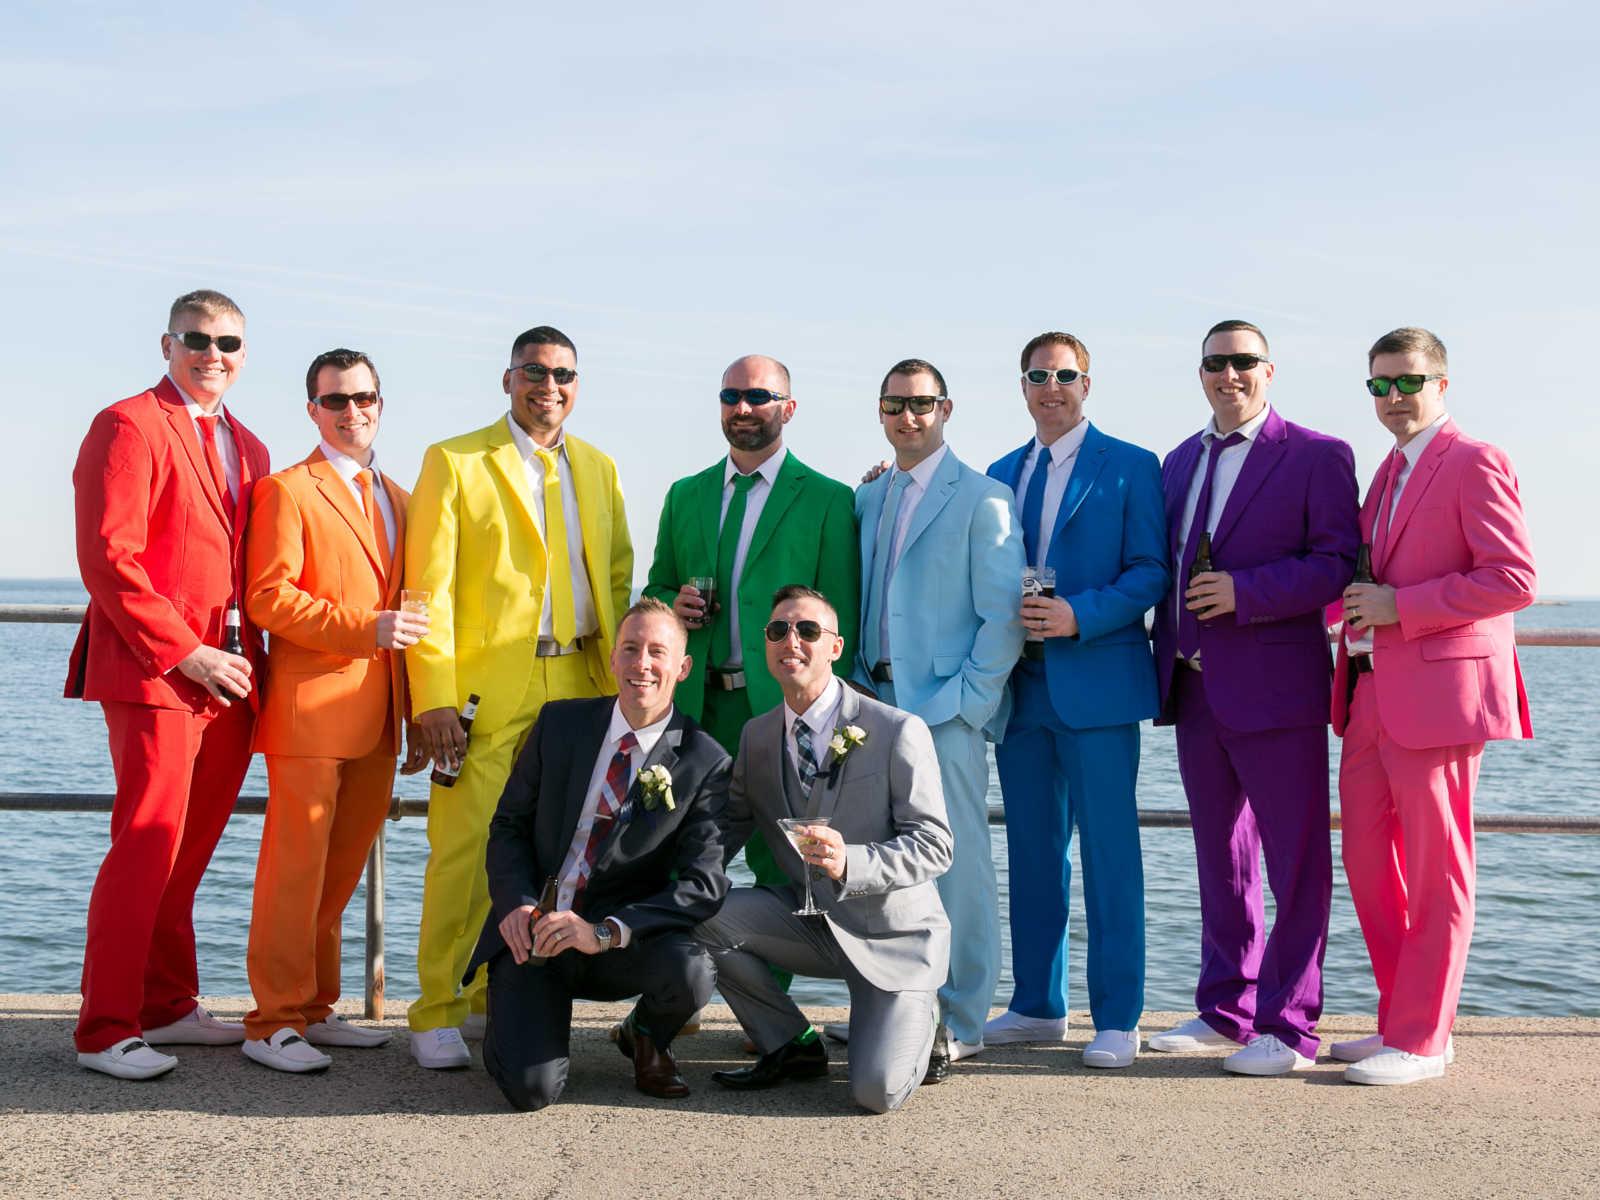 Usando ternos com cores do arco-íris padrinhos fazem surpresa no casamento de amigo 9